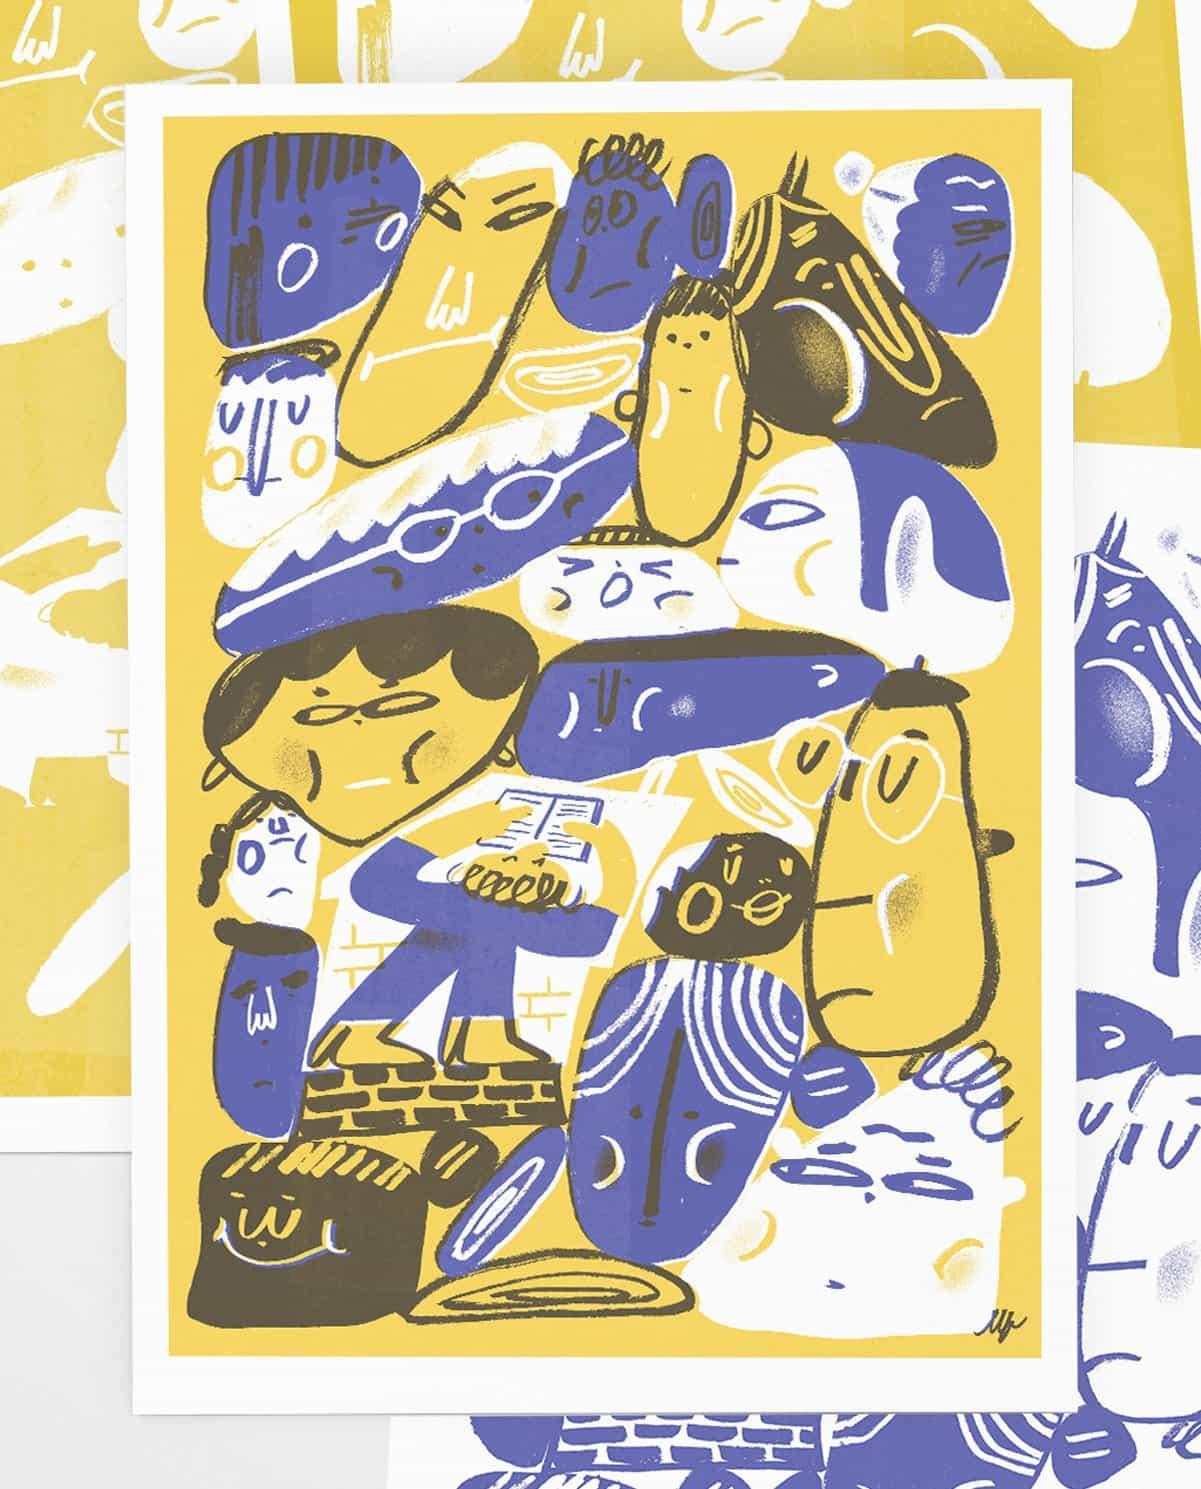 Lena Yokoyama: Traducciones visuales, entre las brechas de la sociedad (Copyright © Lena Yokoyama, 2021)